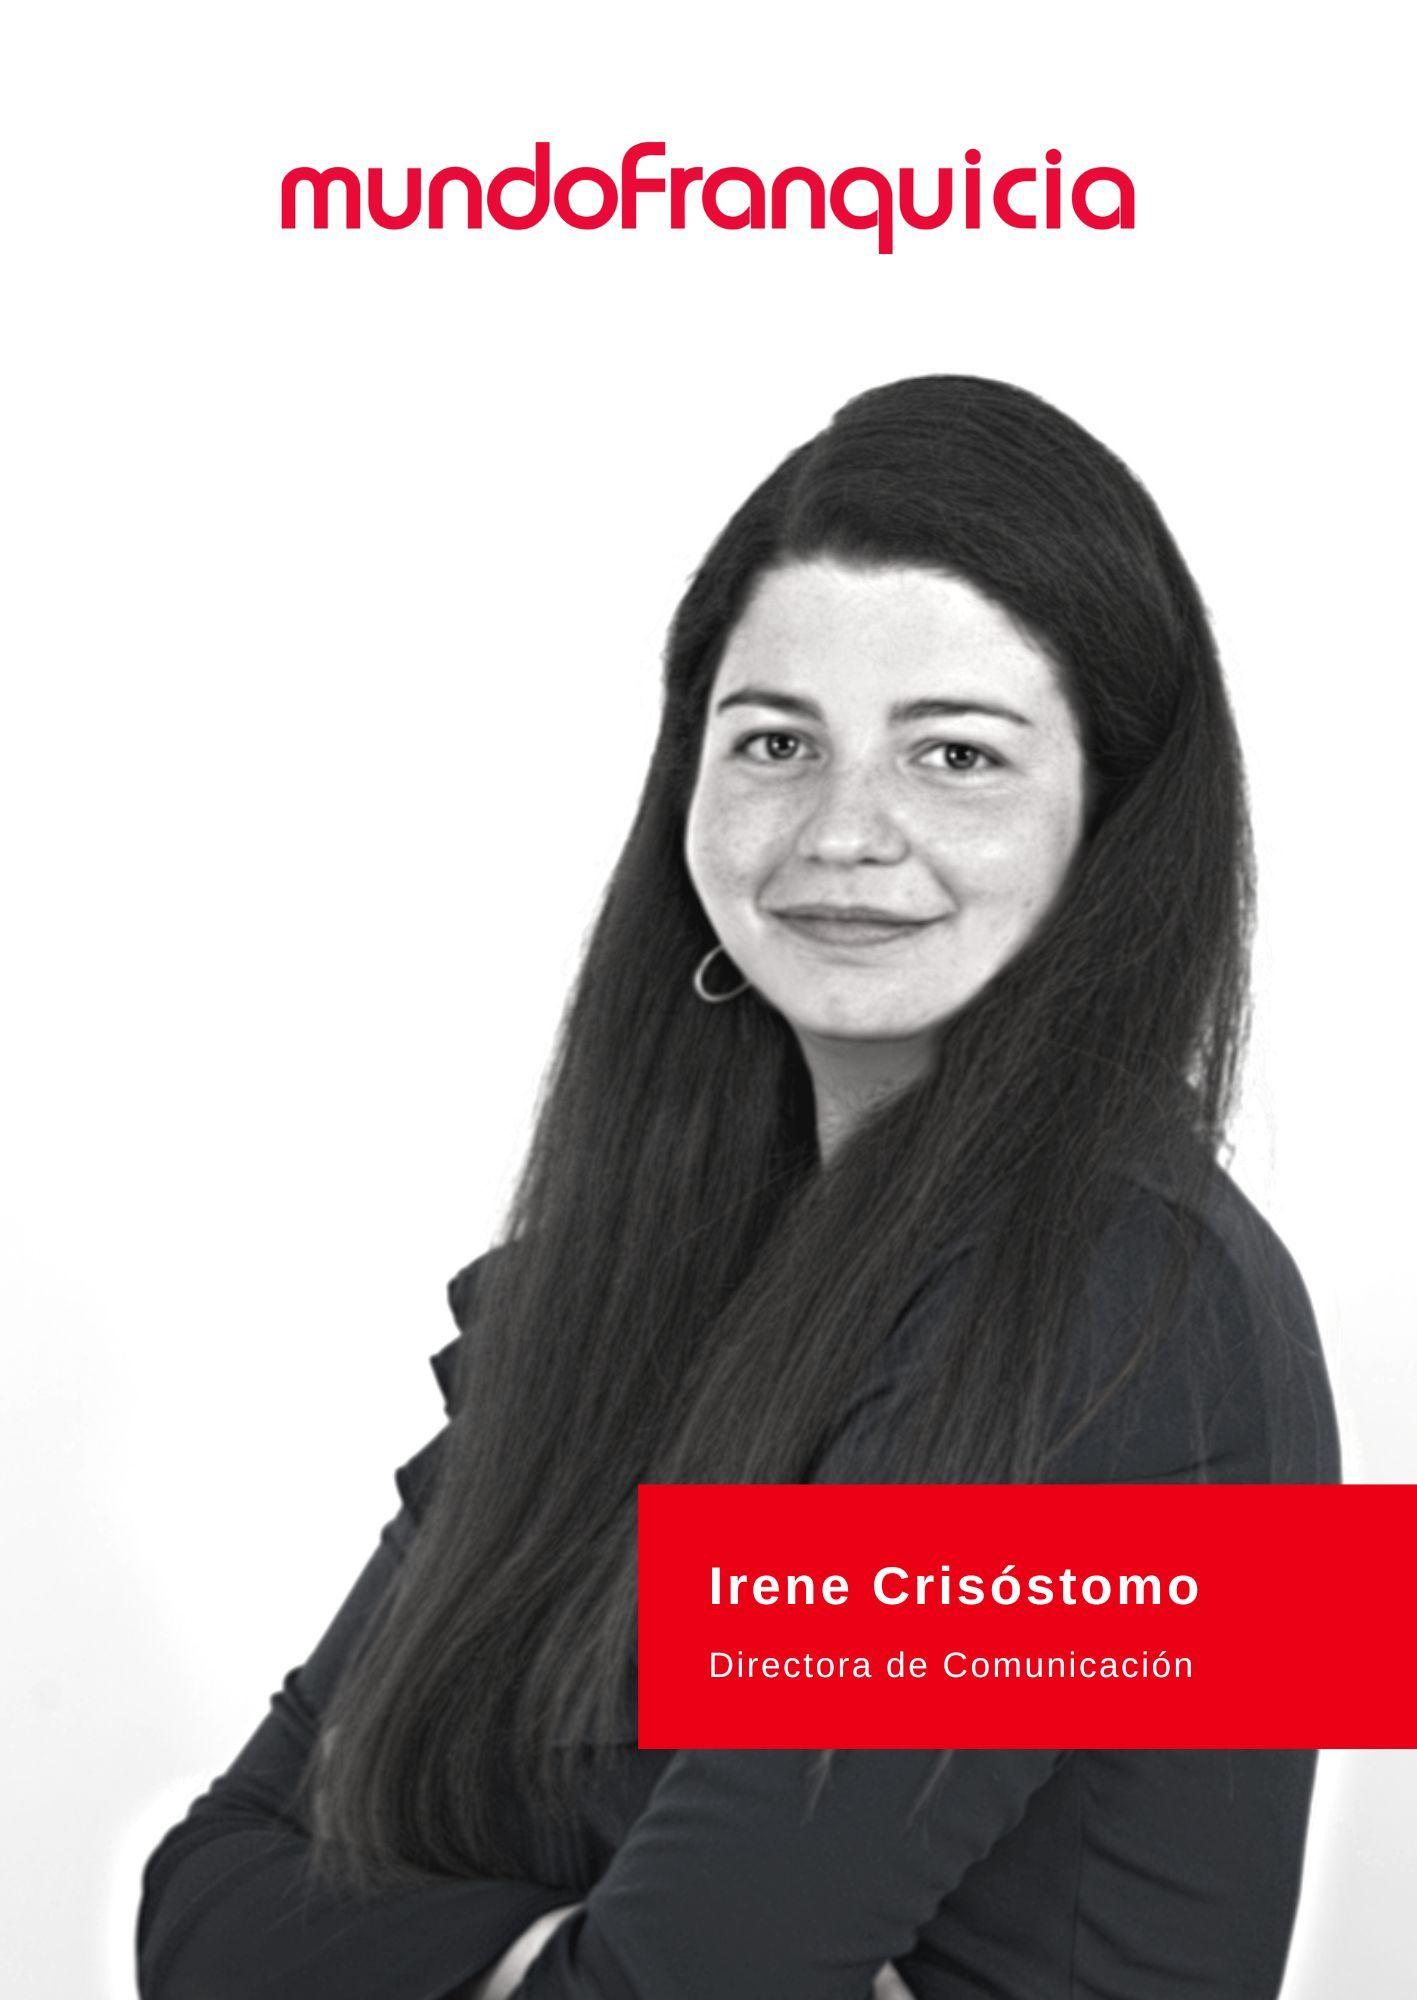 Irene Crisóstomo